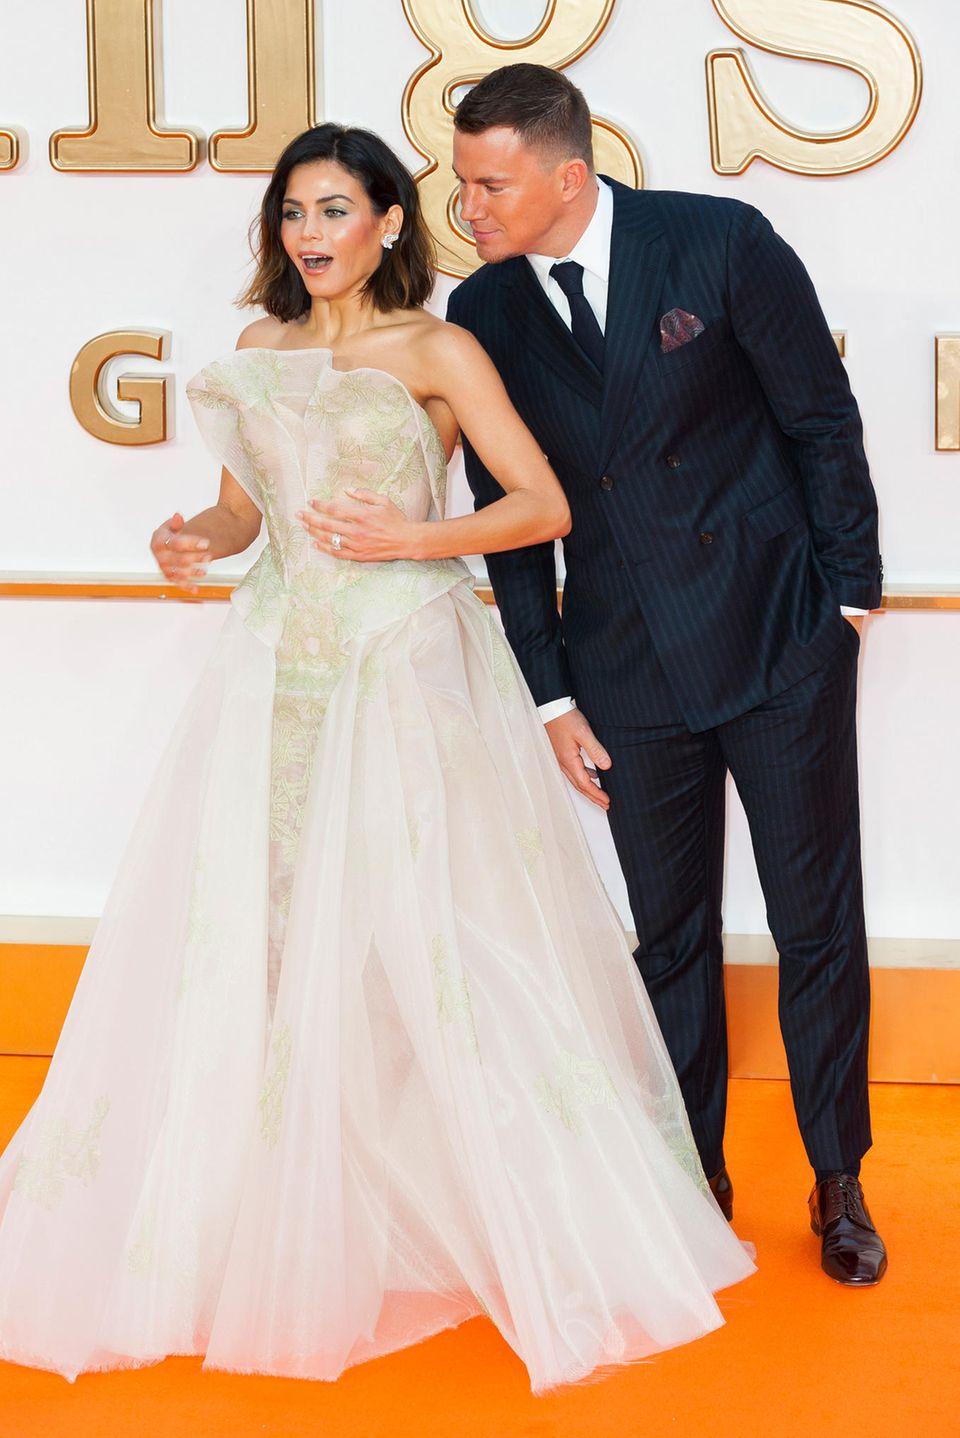 Der seriöse Nadelstreifen-Look könnte beinahe verschleiern, dass Channing Tatum eigentlich ein Spaßvogel ist, der gern mal seine schöne Frau Jenna erschreckt.